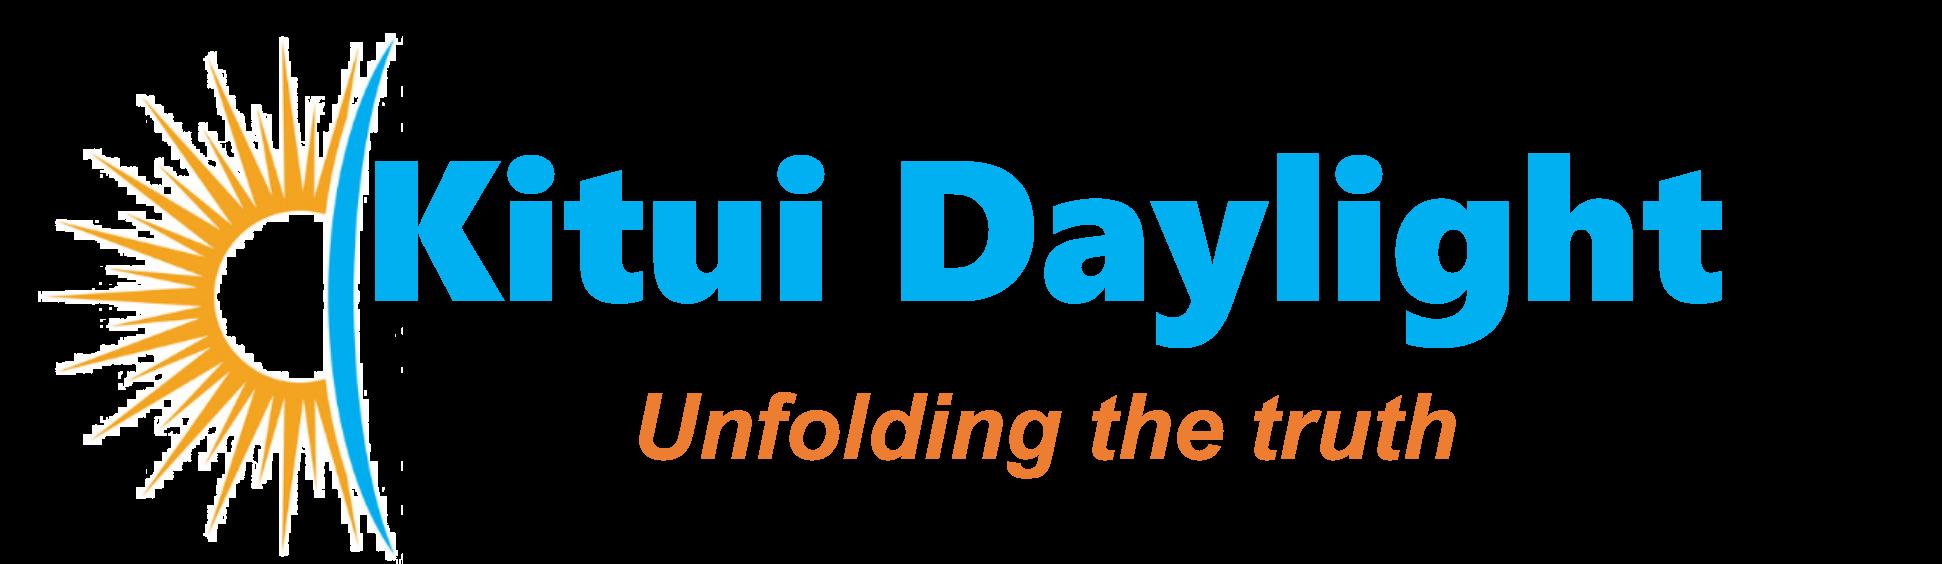 Kitui Daylight